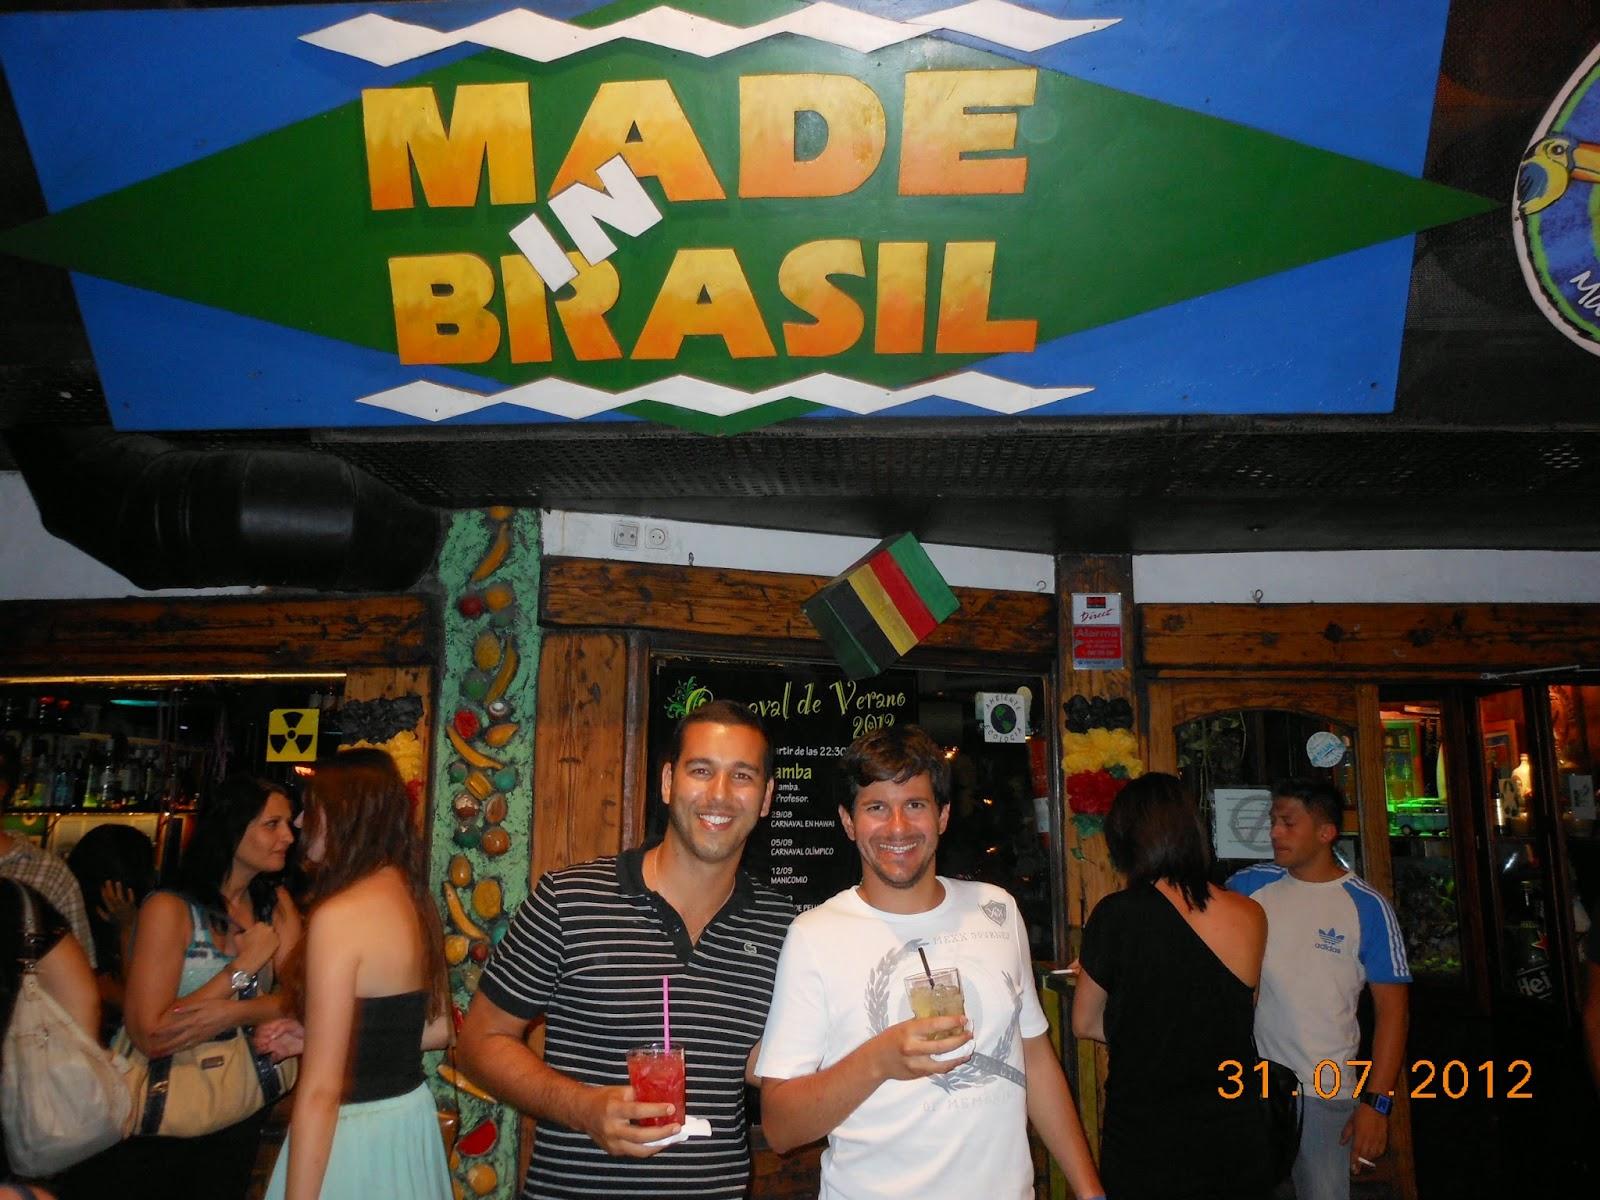 Made In Brazil - Palma de Maiorca - Praia - Espanha - Música brasileira - Axé, pagode, samba, sertanejo, carnaval